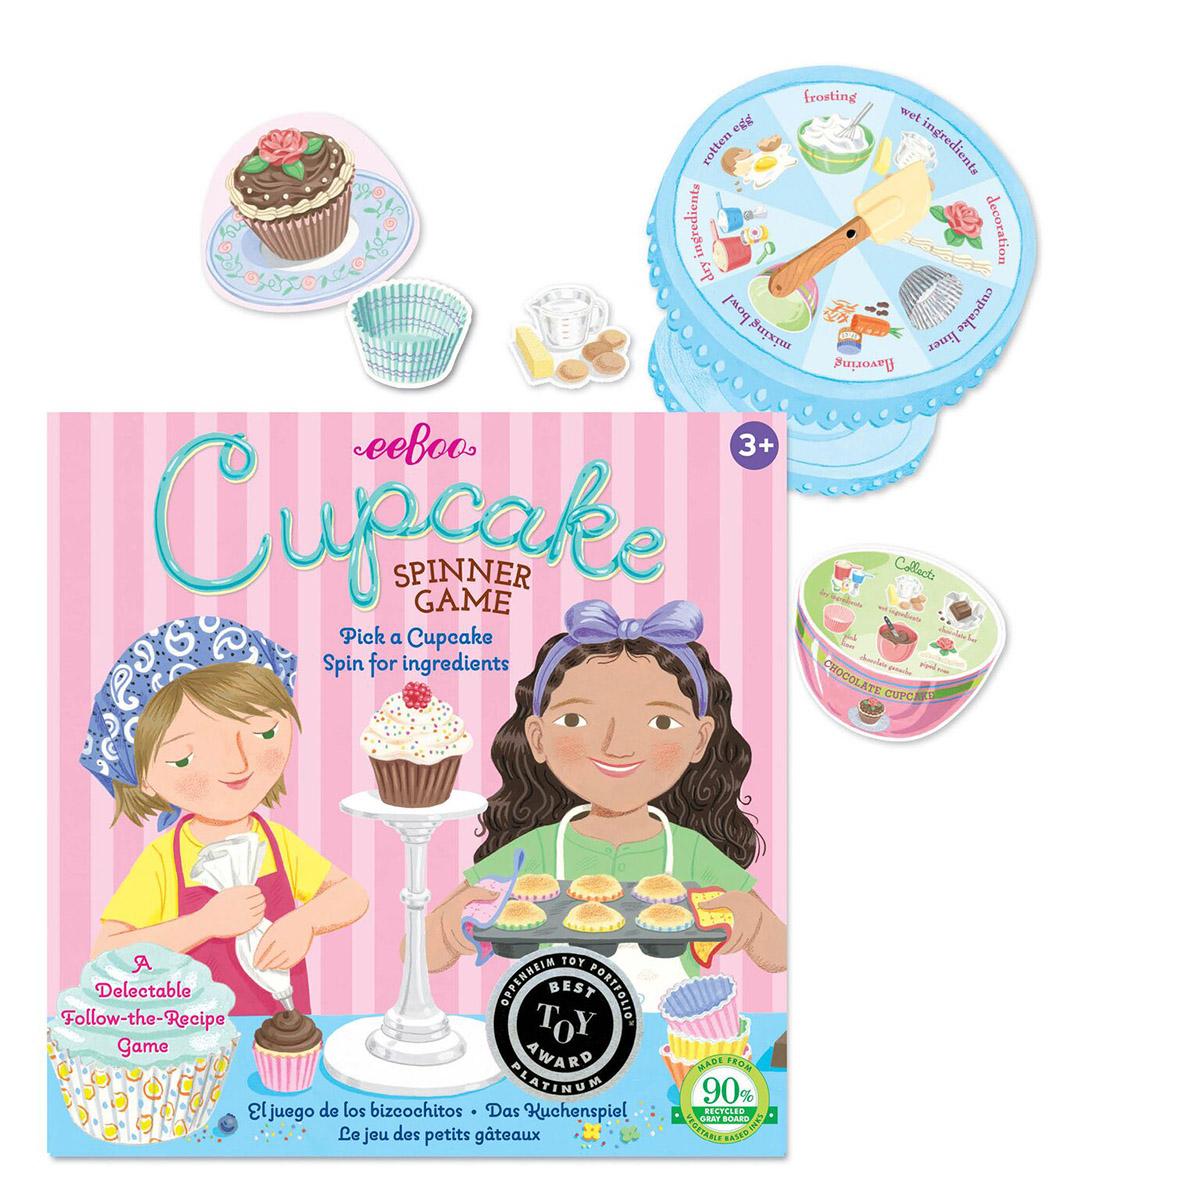 Cupcake Spinner Game Pi Day